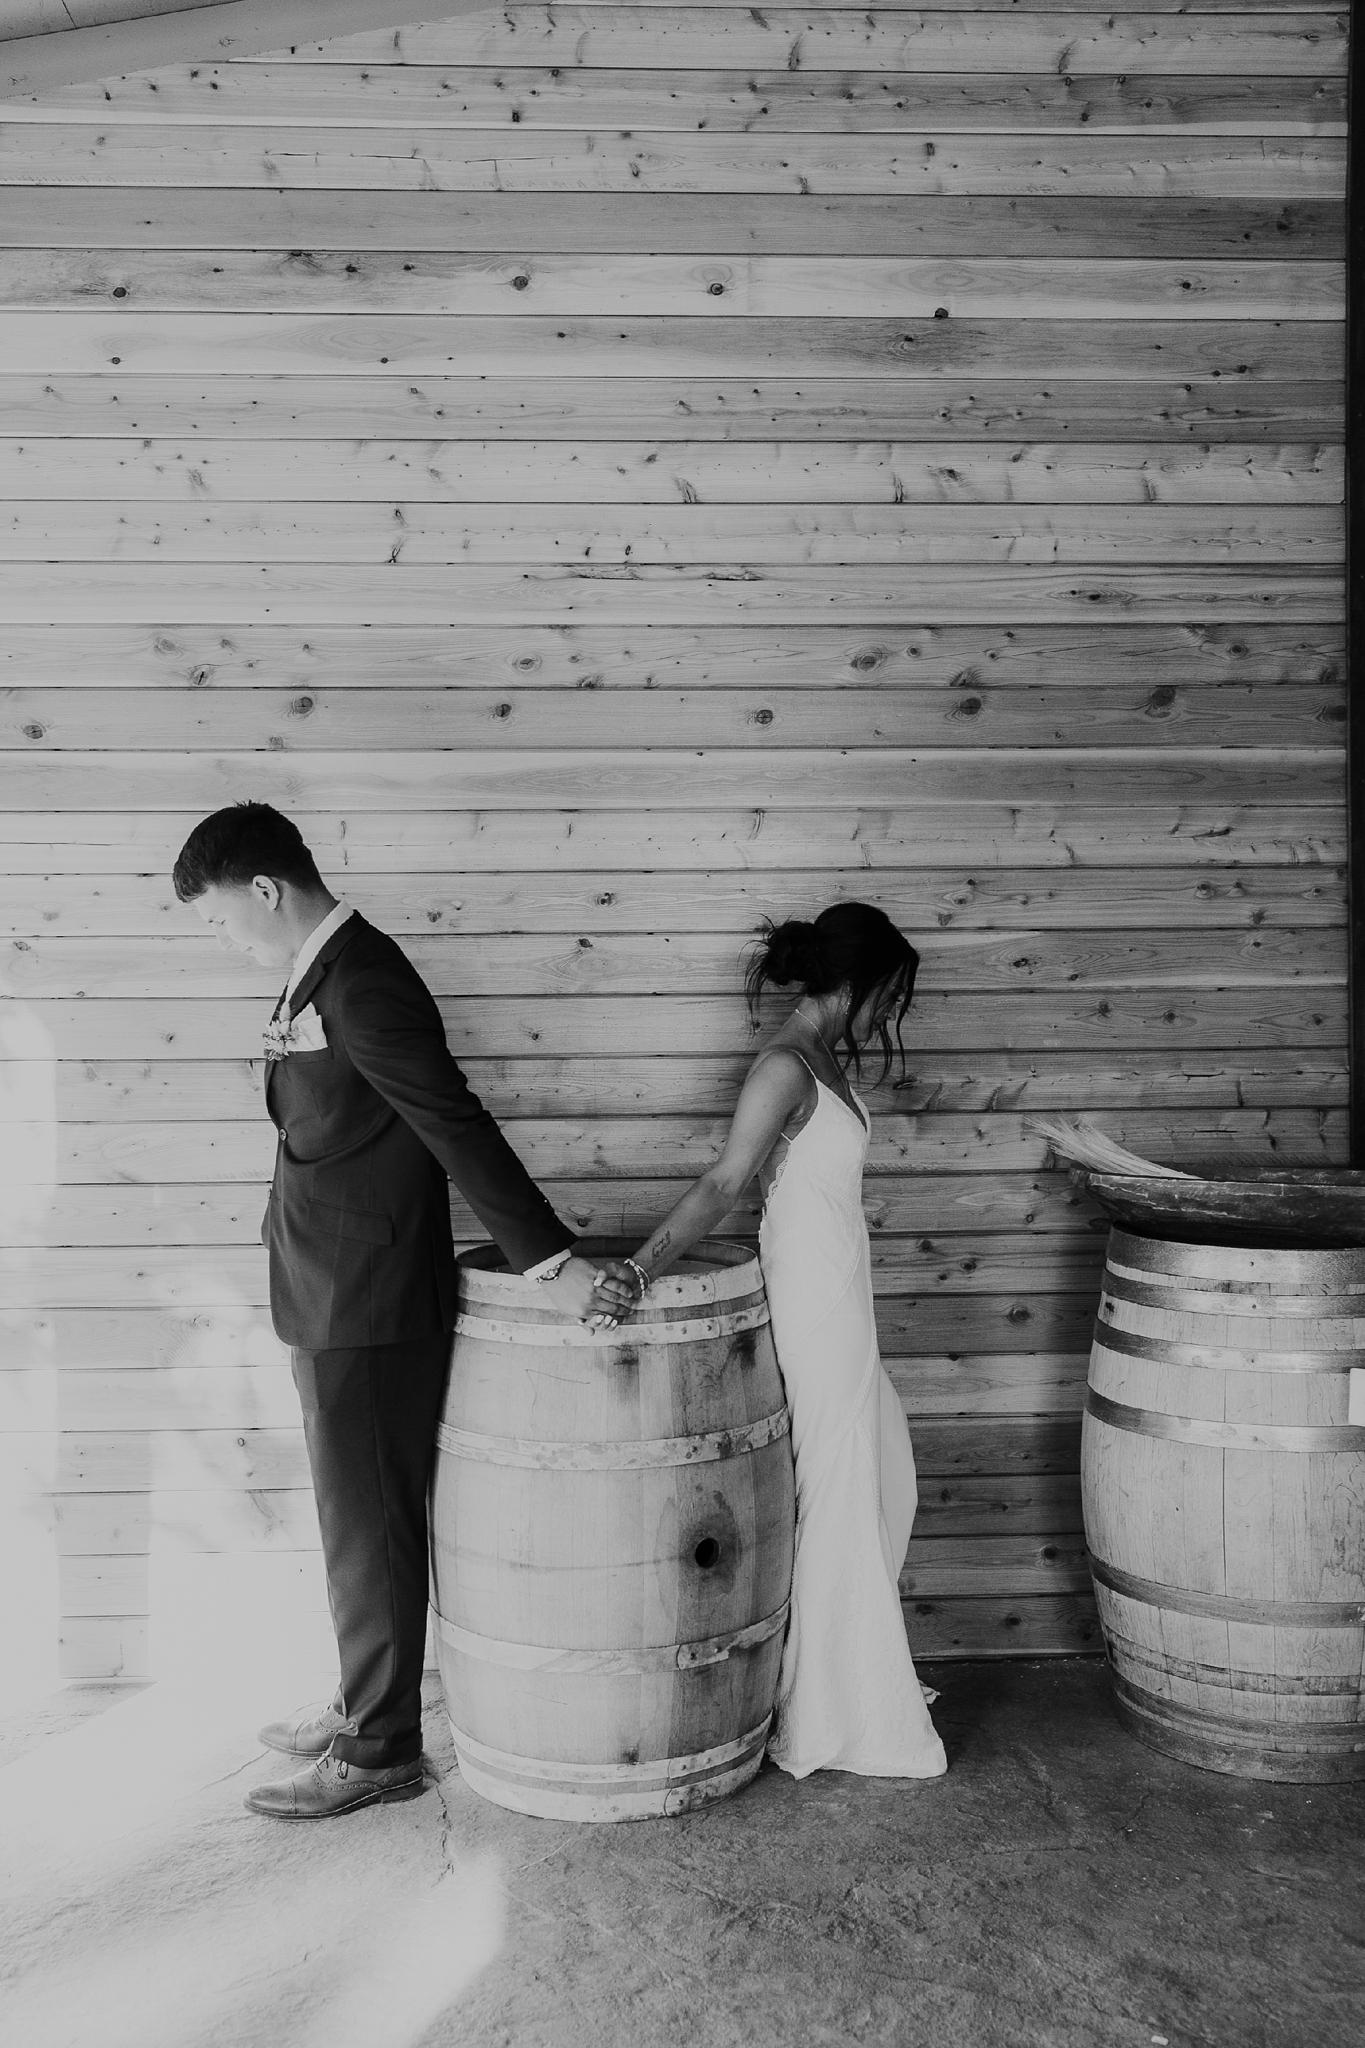 Alicia+lucia+photography+-+albuquerque+wedding+photographer+-+santa+fe+wedding+photography+-+new+mexico+wedding+photographer+-+new+mexico+wedding+-+new+mexico+wedding+-+barn+wedding+-+enchanted+vine+barn+wedding+-+ruidoso+wedding_0072.jpg